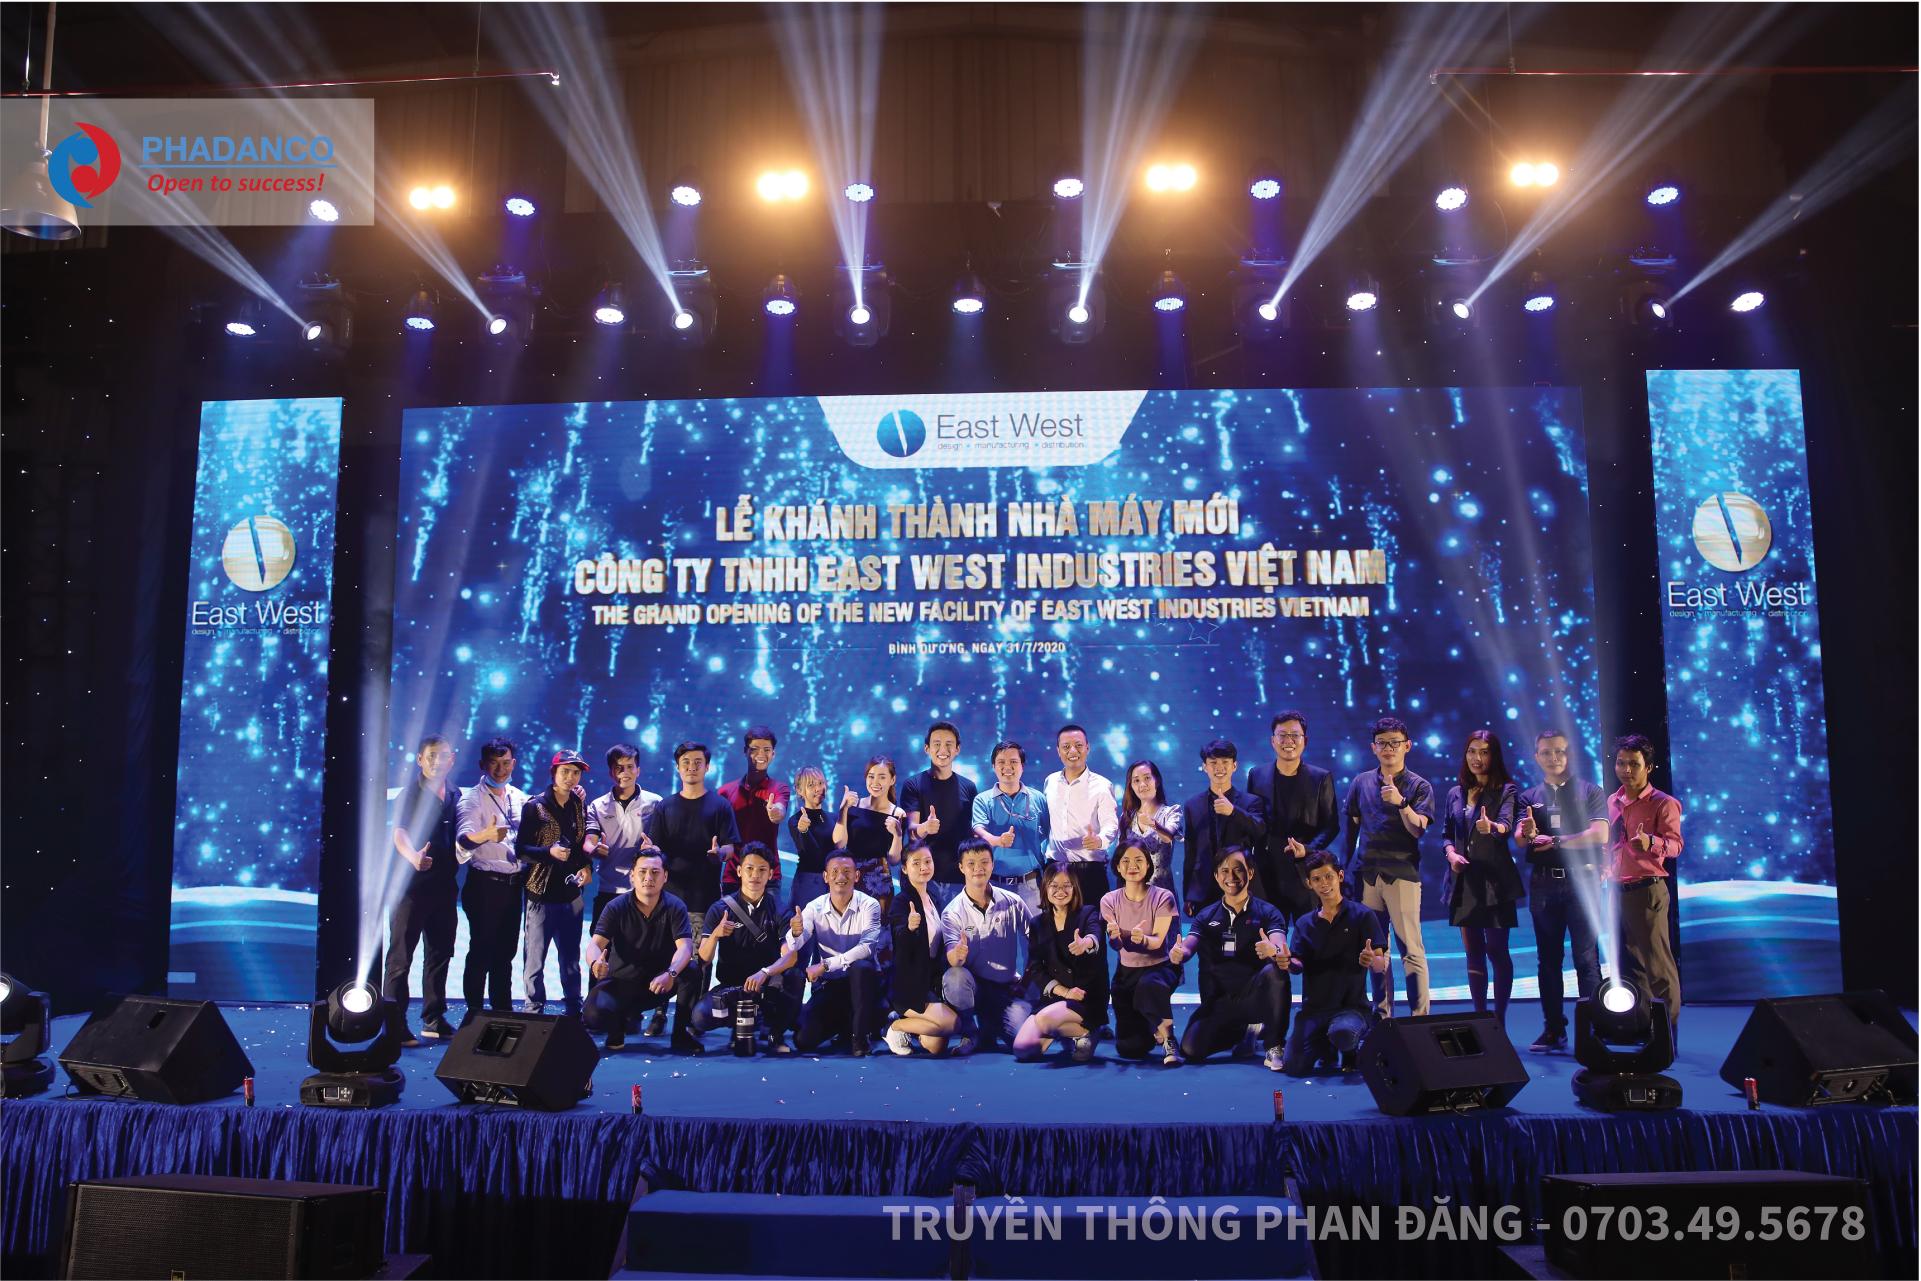 Đội ngũ cán bộ, nhân viên Công ty Truyền Thông Phan Đăng tham gia hỗ trợ sự kiện